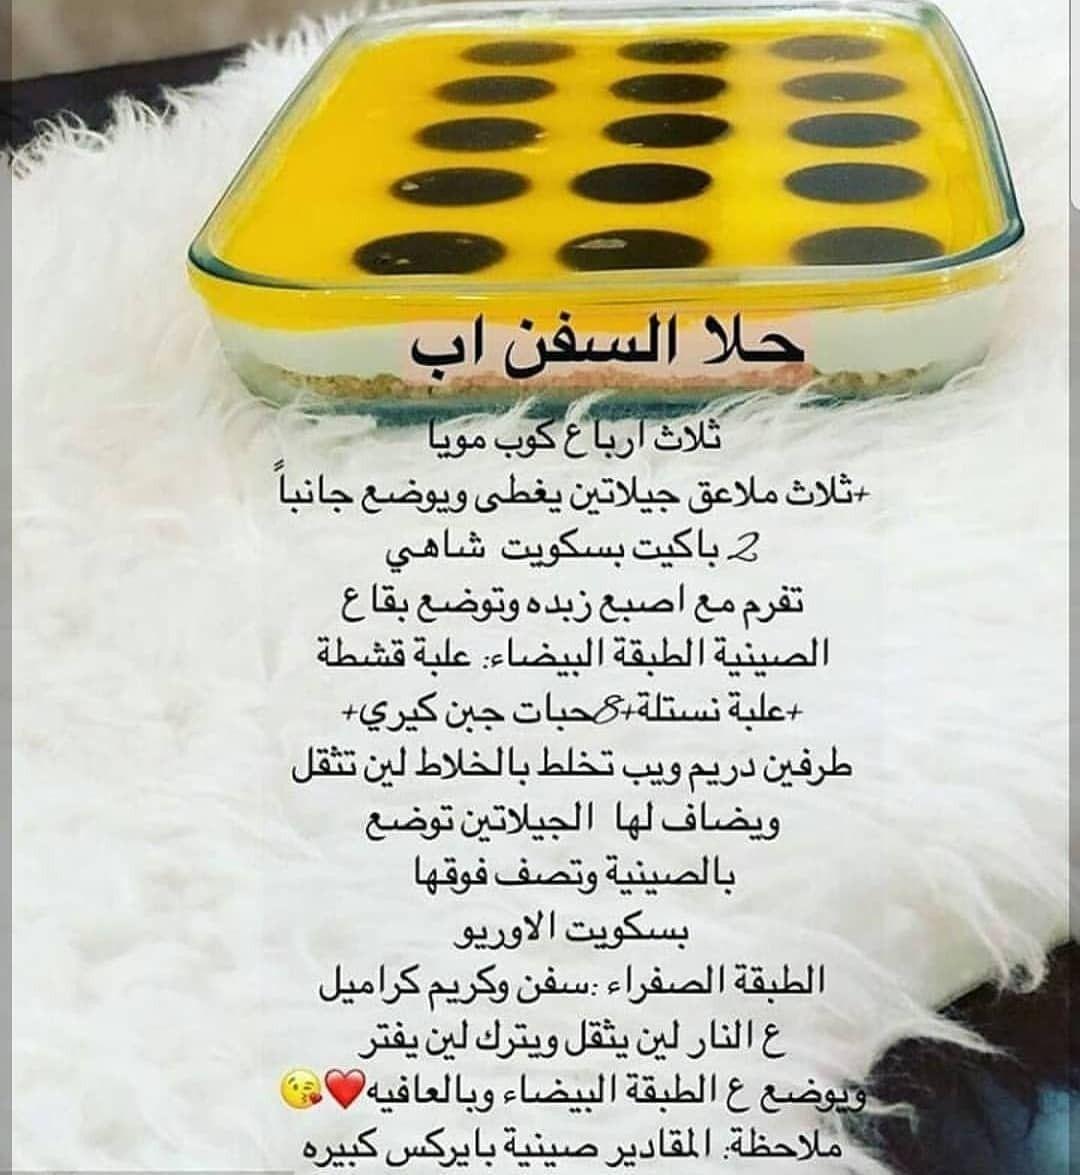 Pin By Zaaha 23 On لذاذه Arabic Dessert Arabian Food Desserts